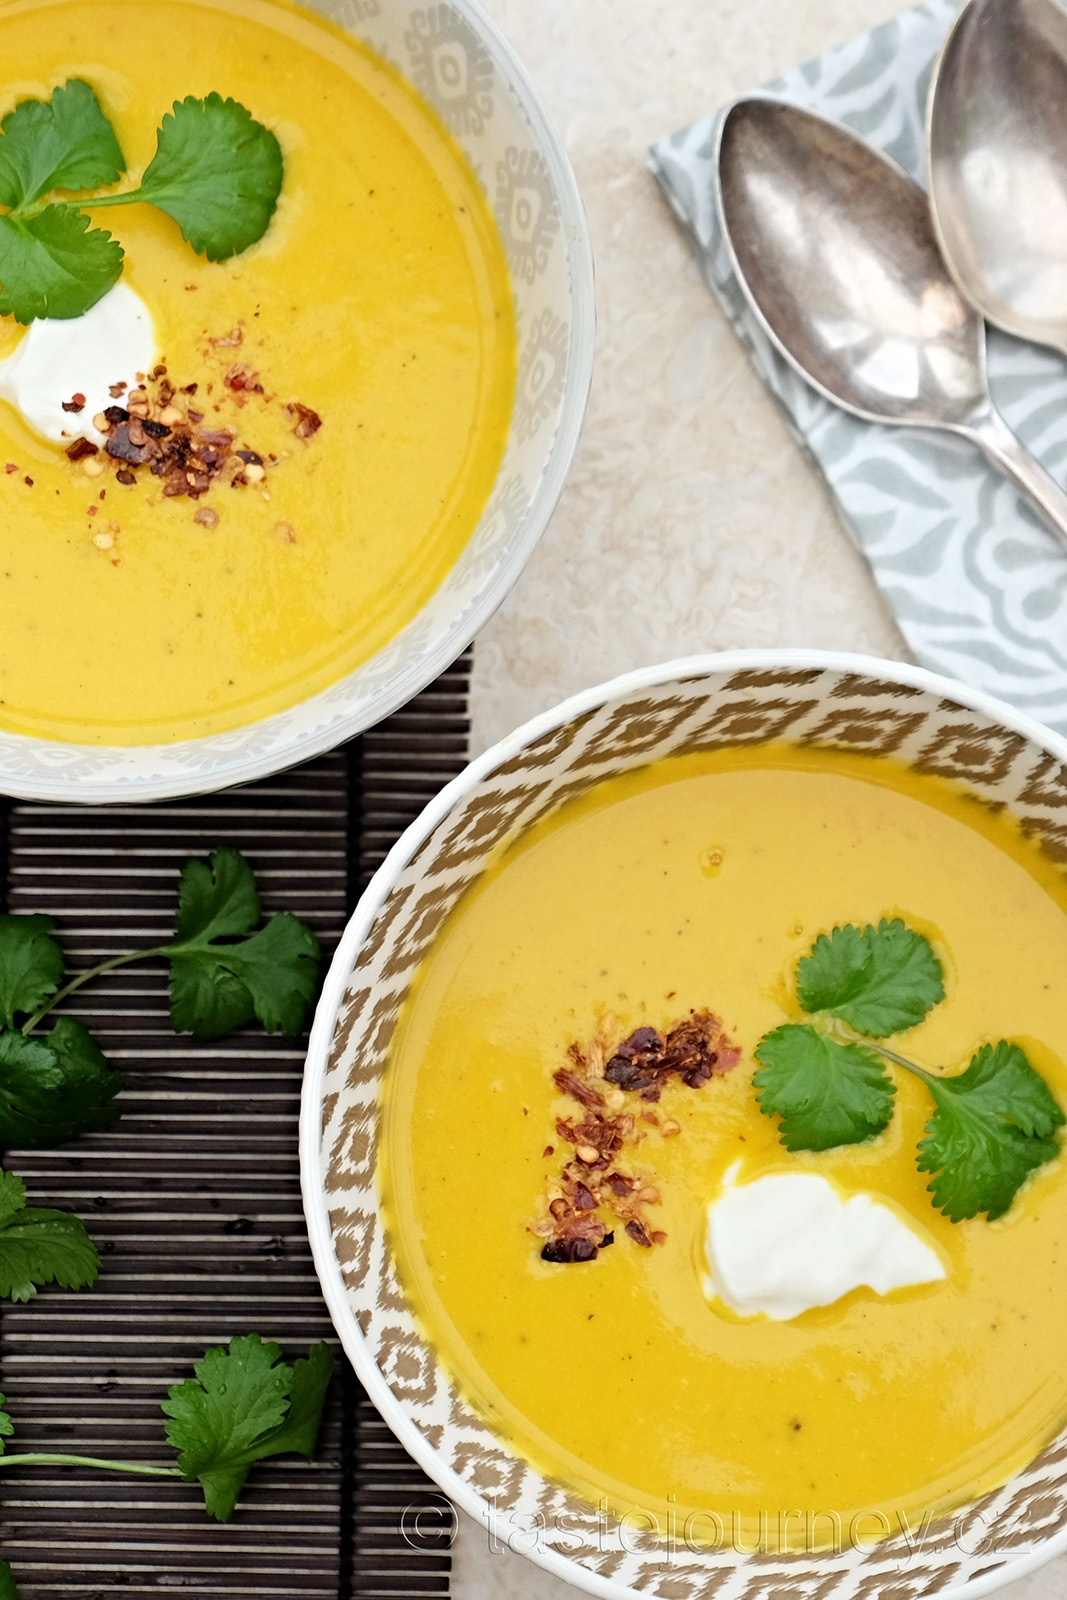 Žlutou barvu získala polévka přidáním prášku kurkumy